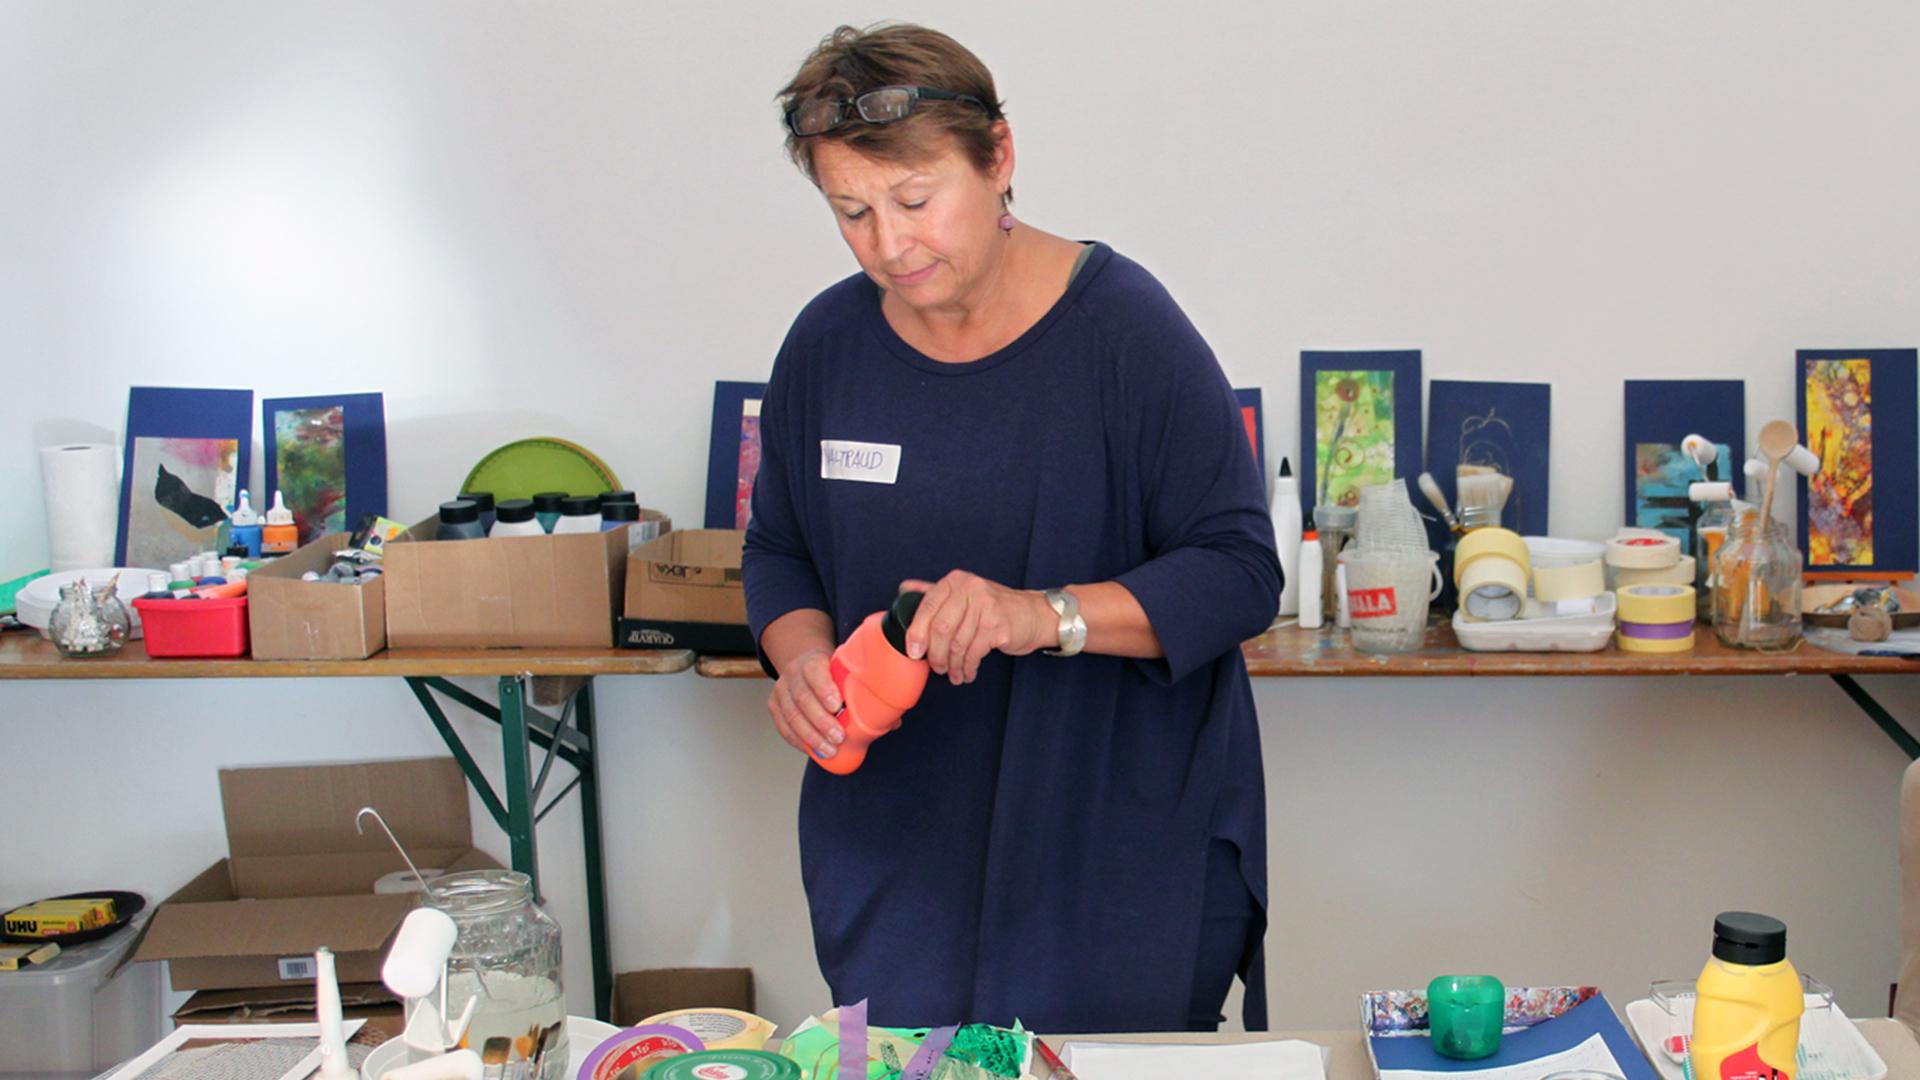 Die Workshop-Leiterin zeigt viele Materialien und Techniken, mit denen Kinder gerne arbeiten.